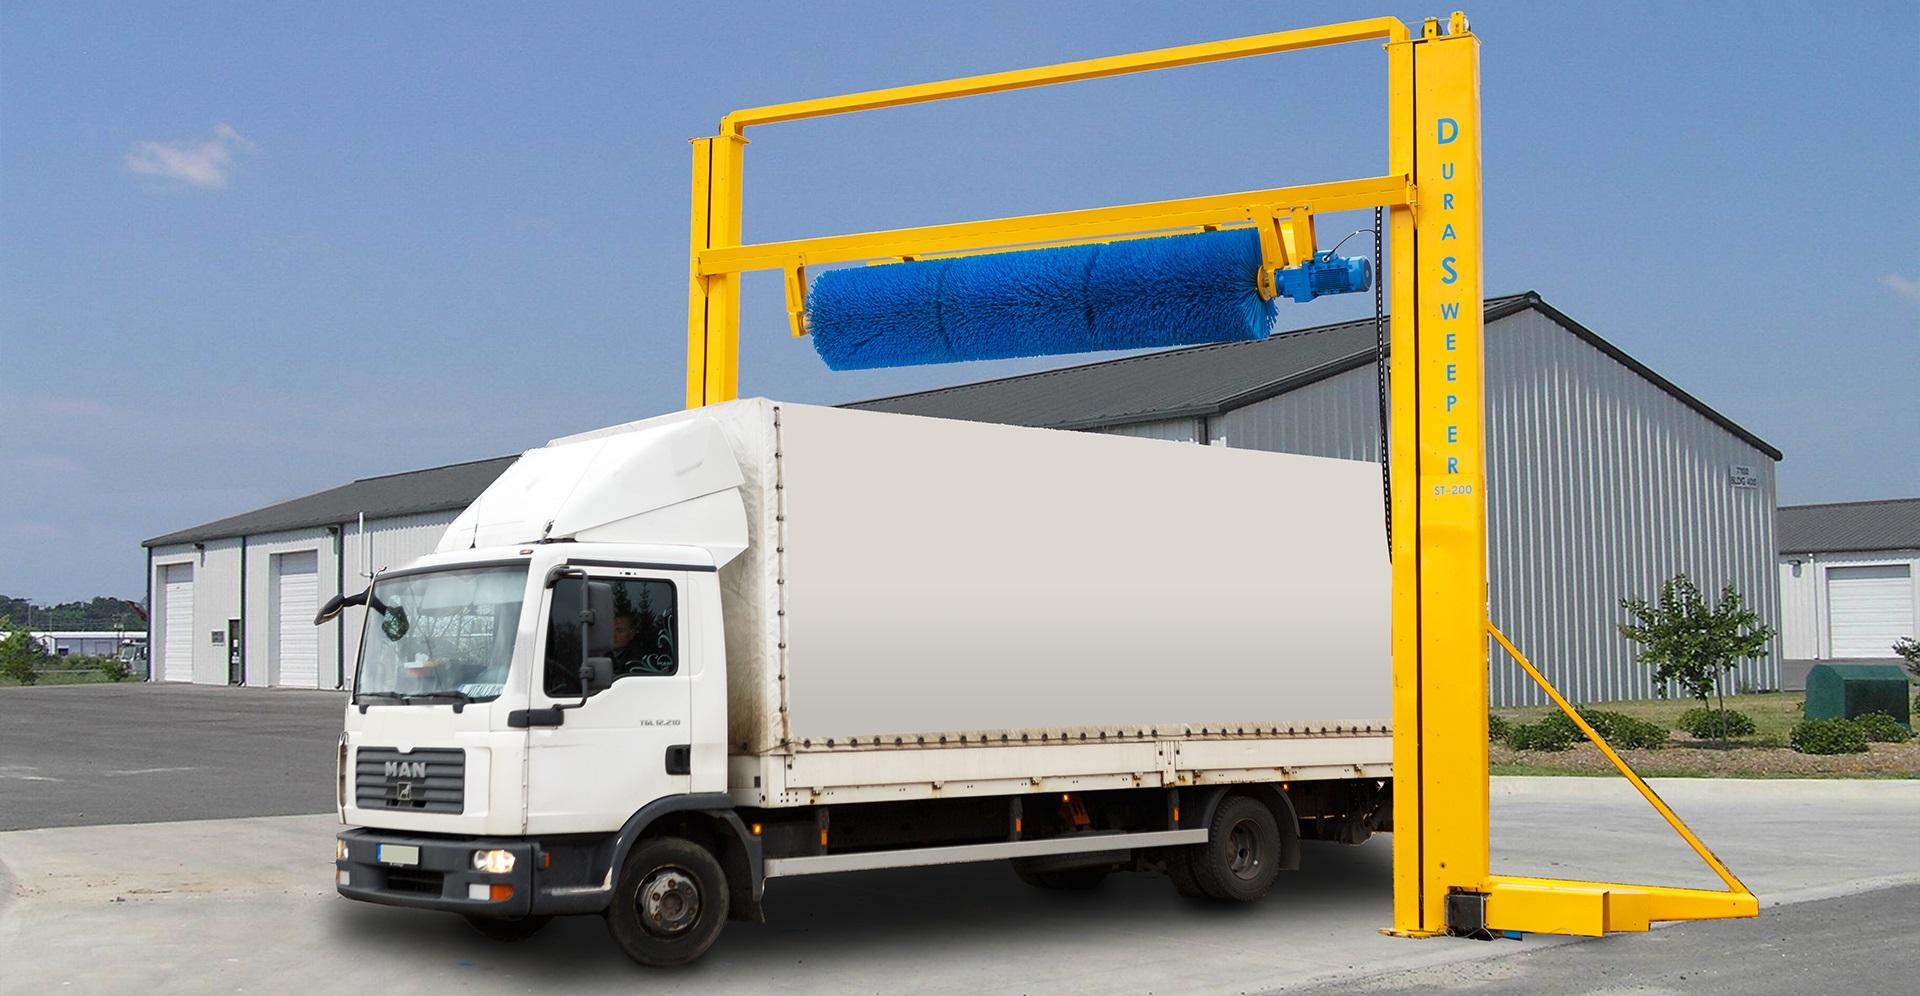 Przedstawiamy automatyczny system odśnieżania Durasweeper, który skutecznie eliminuje problem zalegającego śniegu na dachach ciężarówek i przyczep